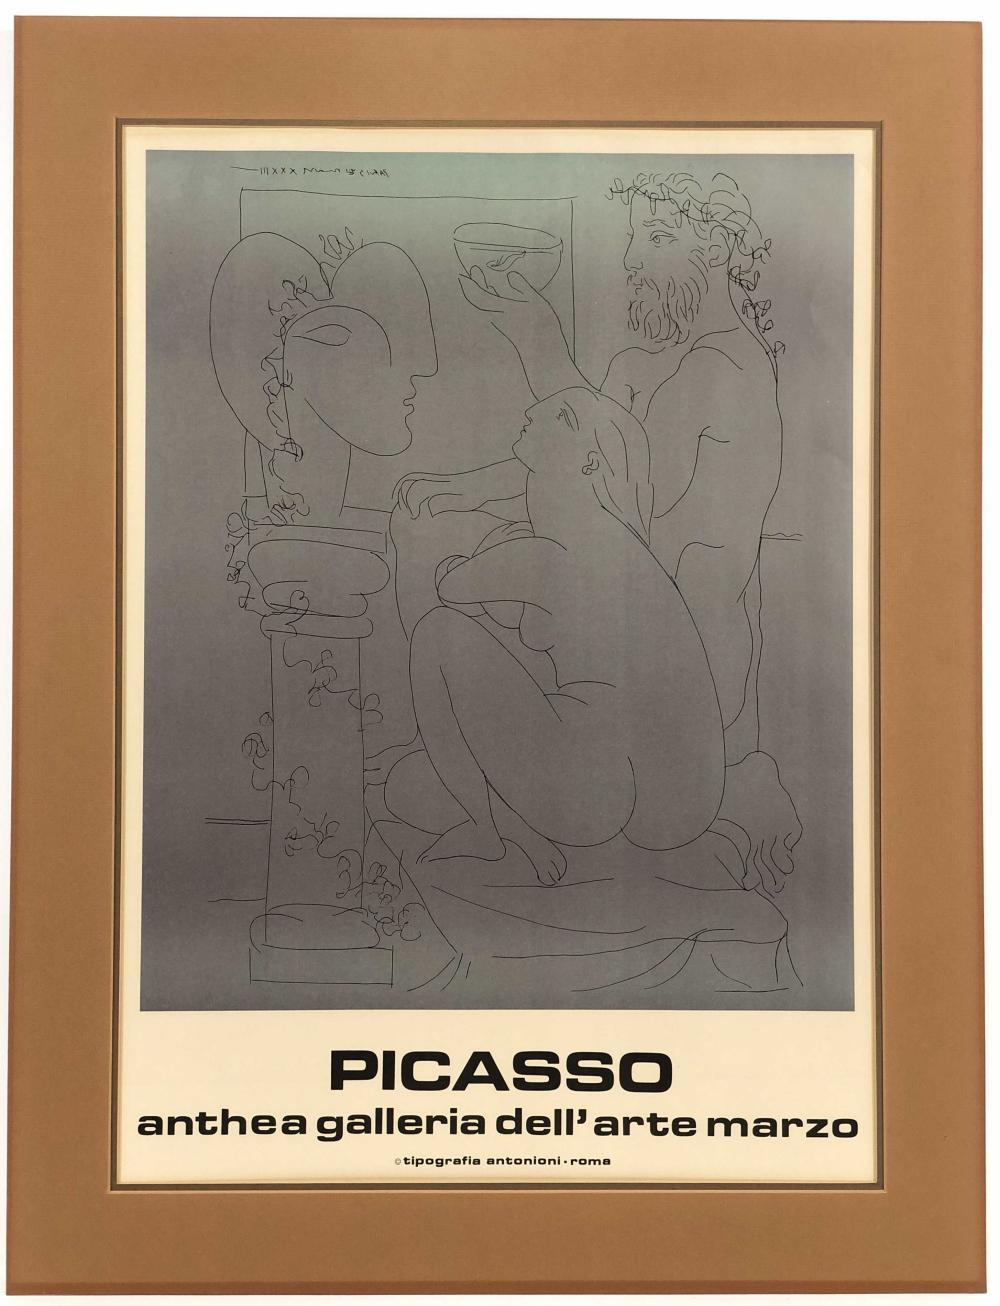 PICASSO ANTHEA GALLERIA DELL'ARTE MARZO GALLERY POSTER